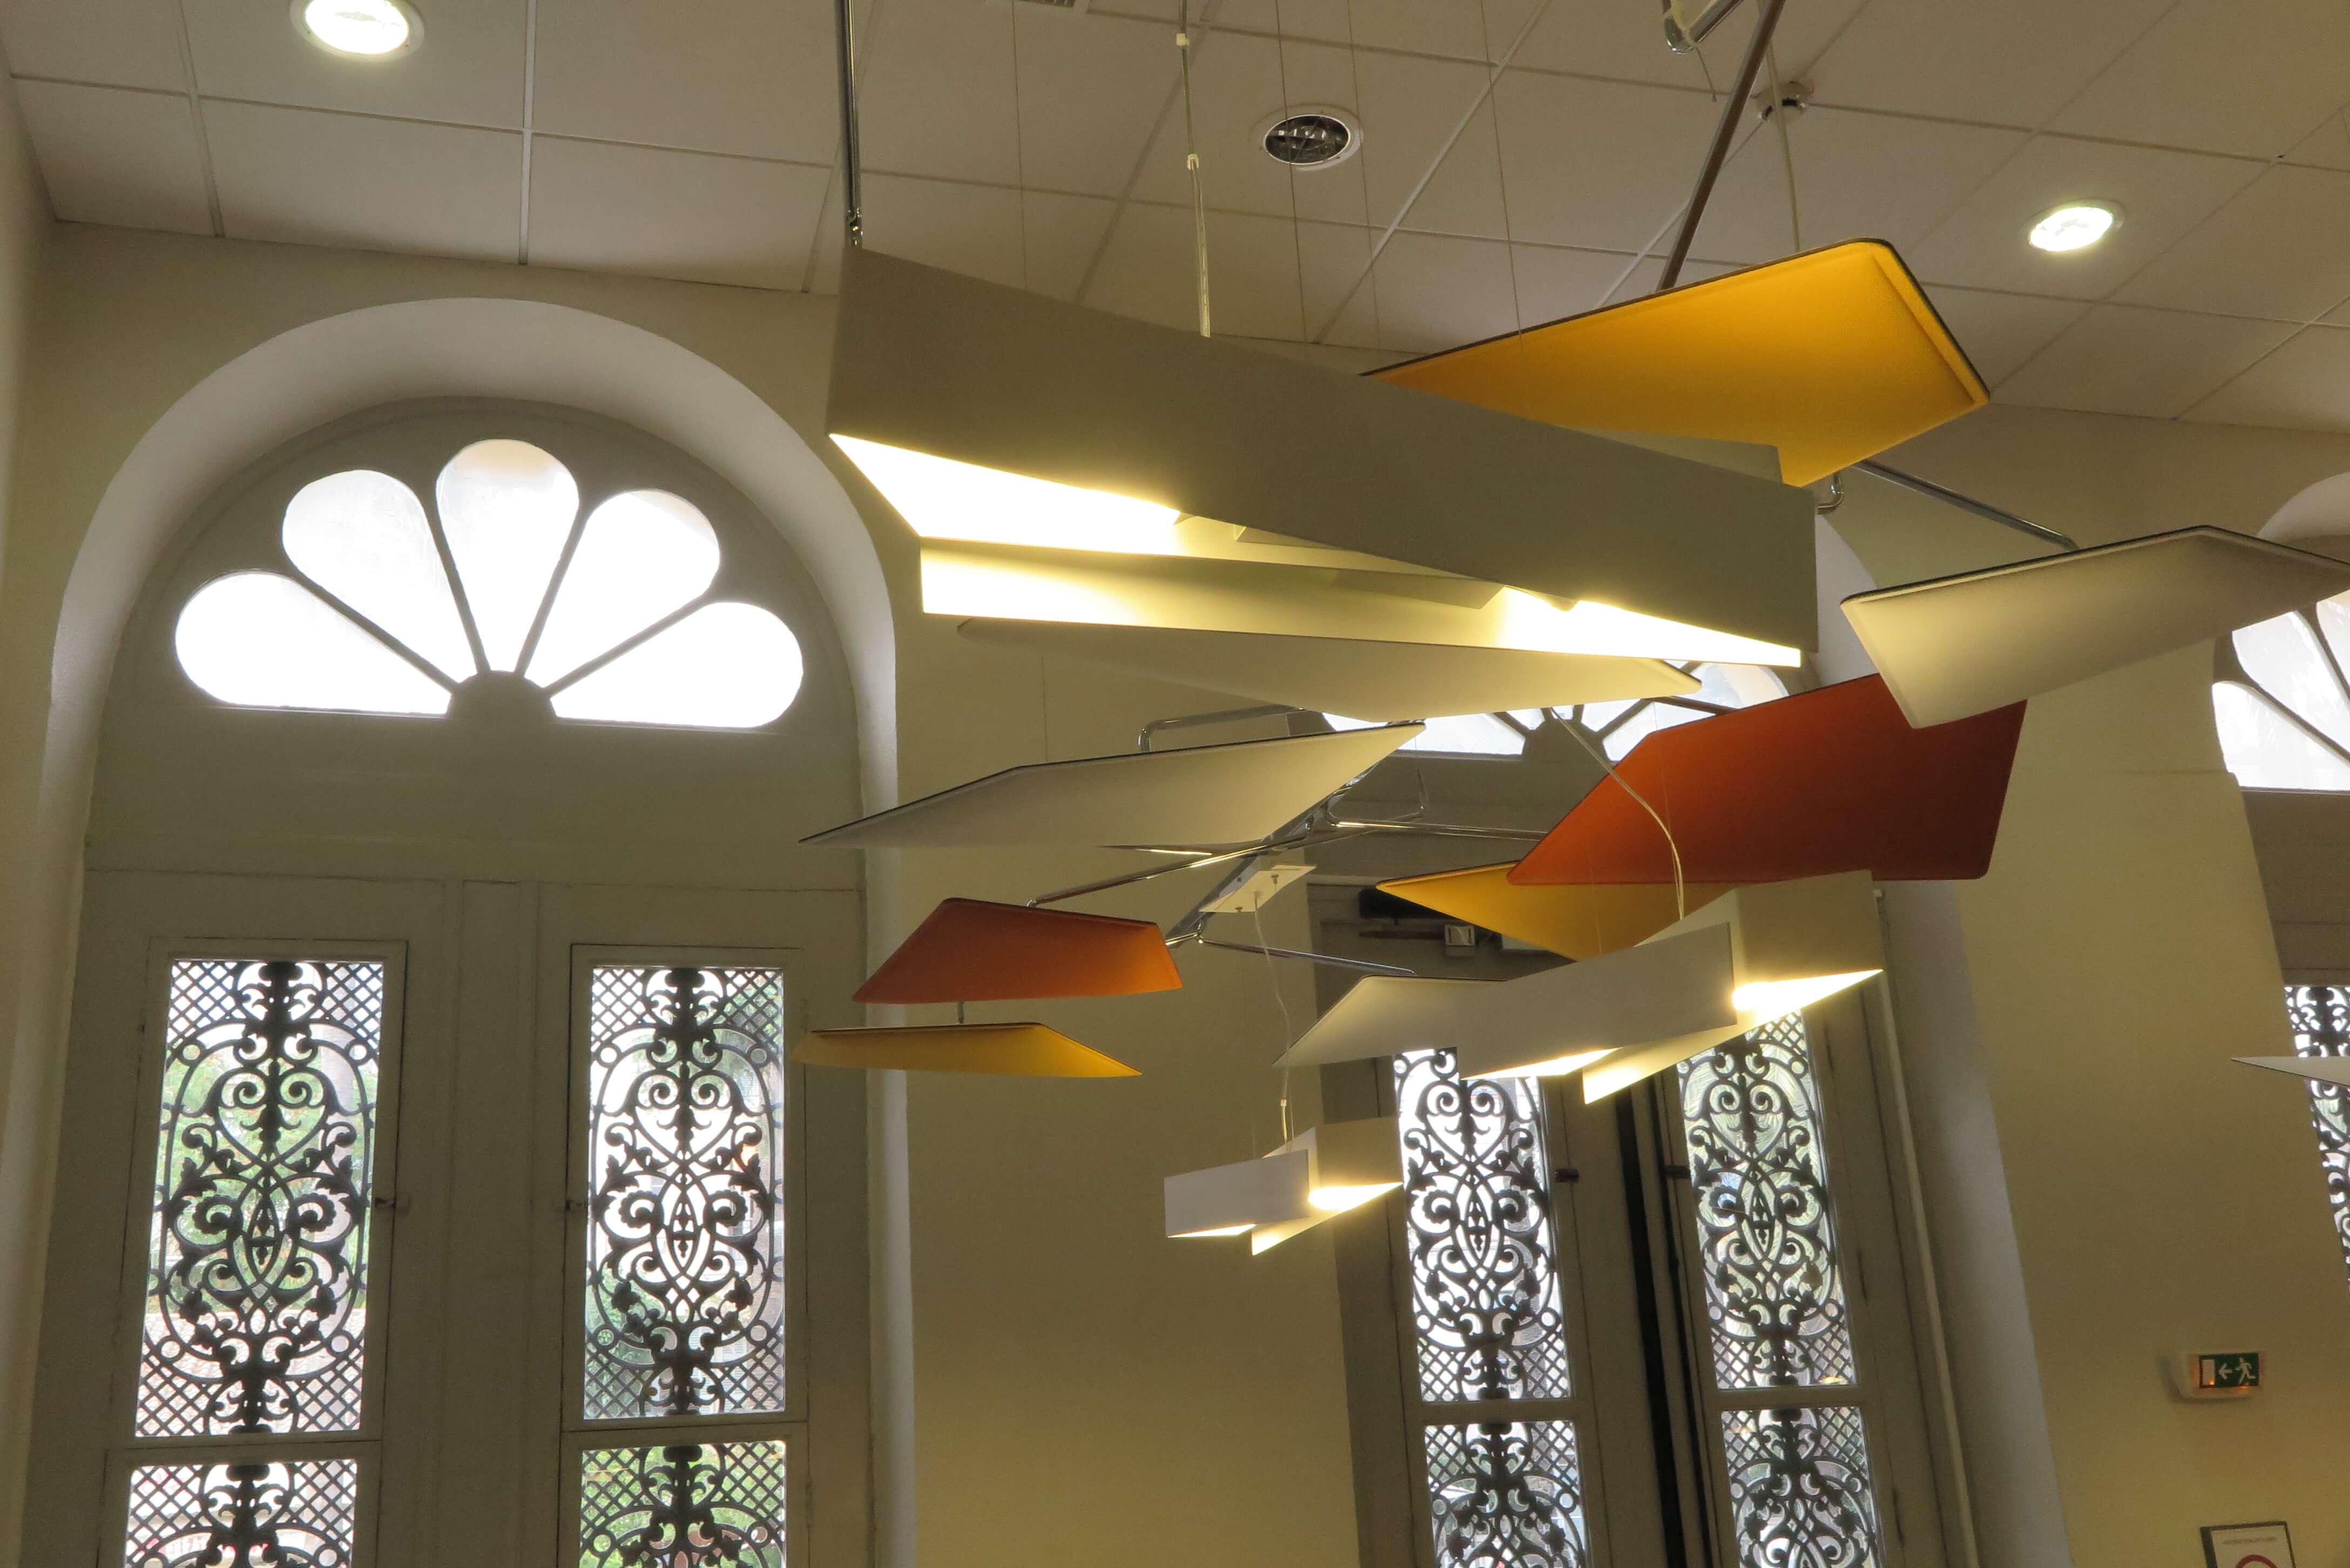 Mairie de Hyères - Réalisations - Imagine - Space planning